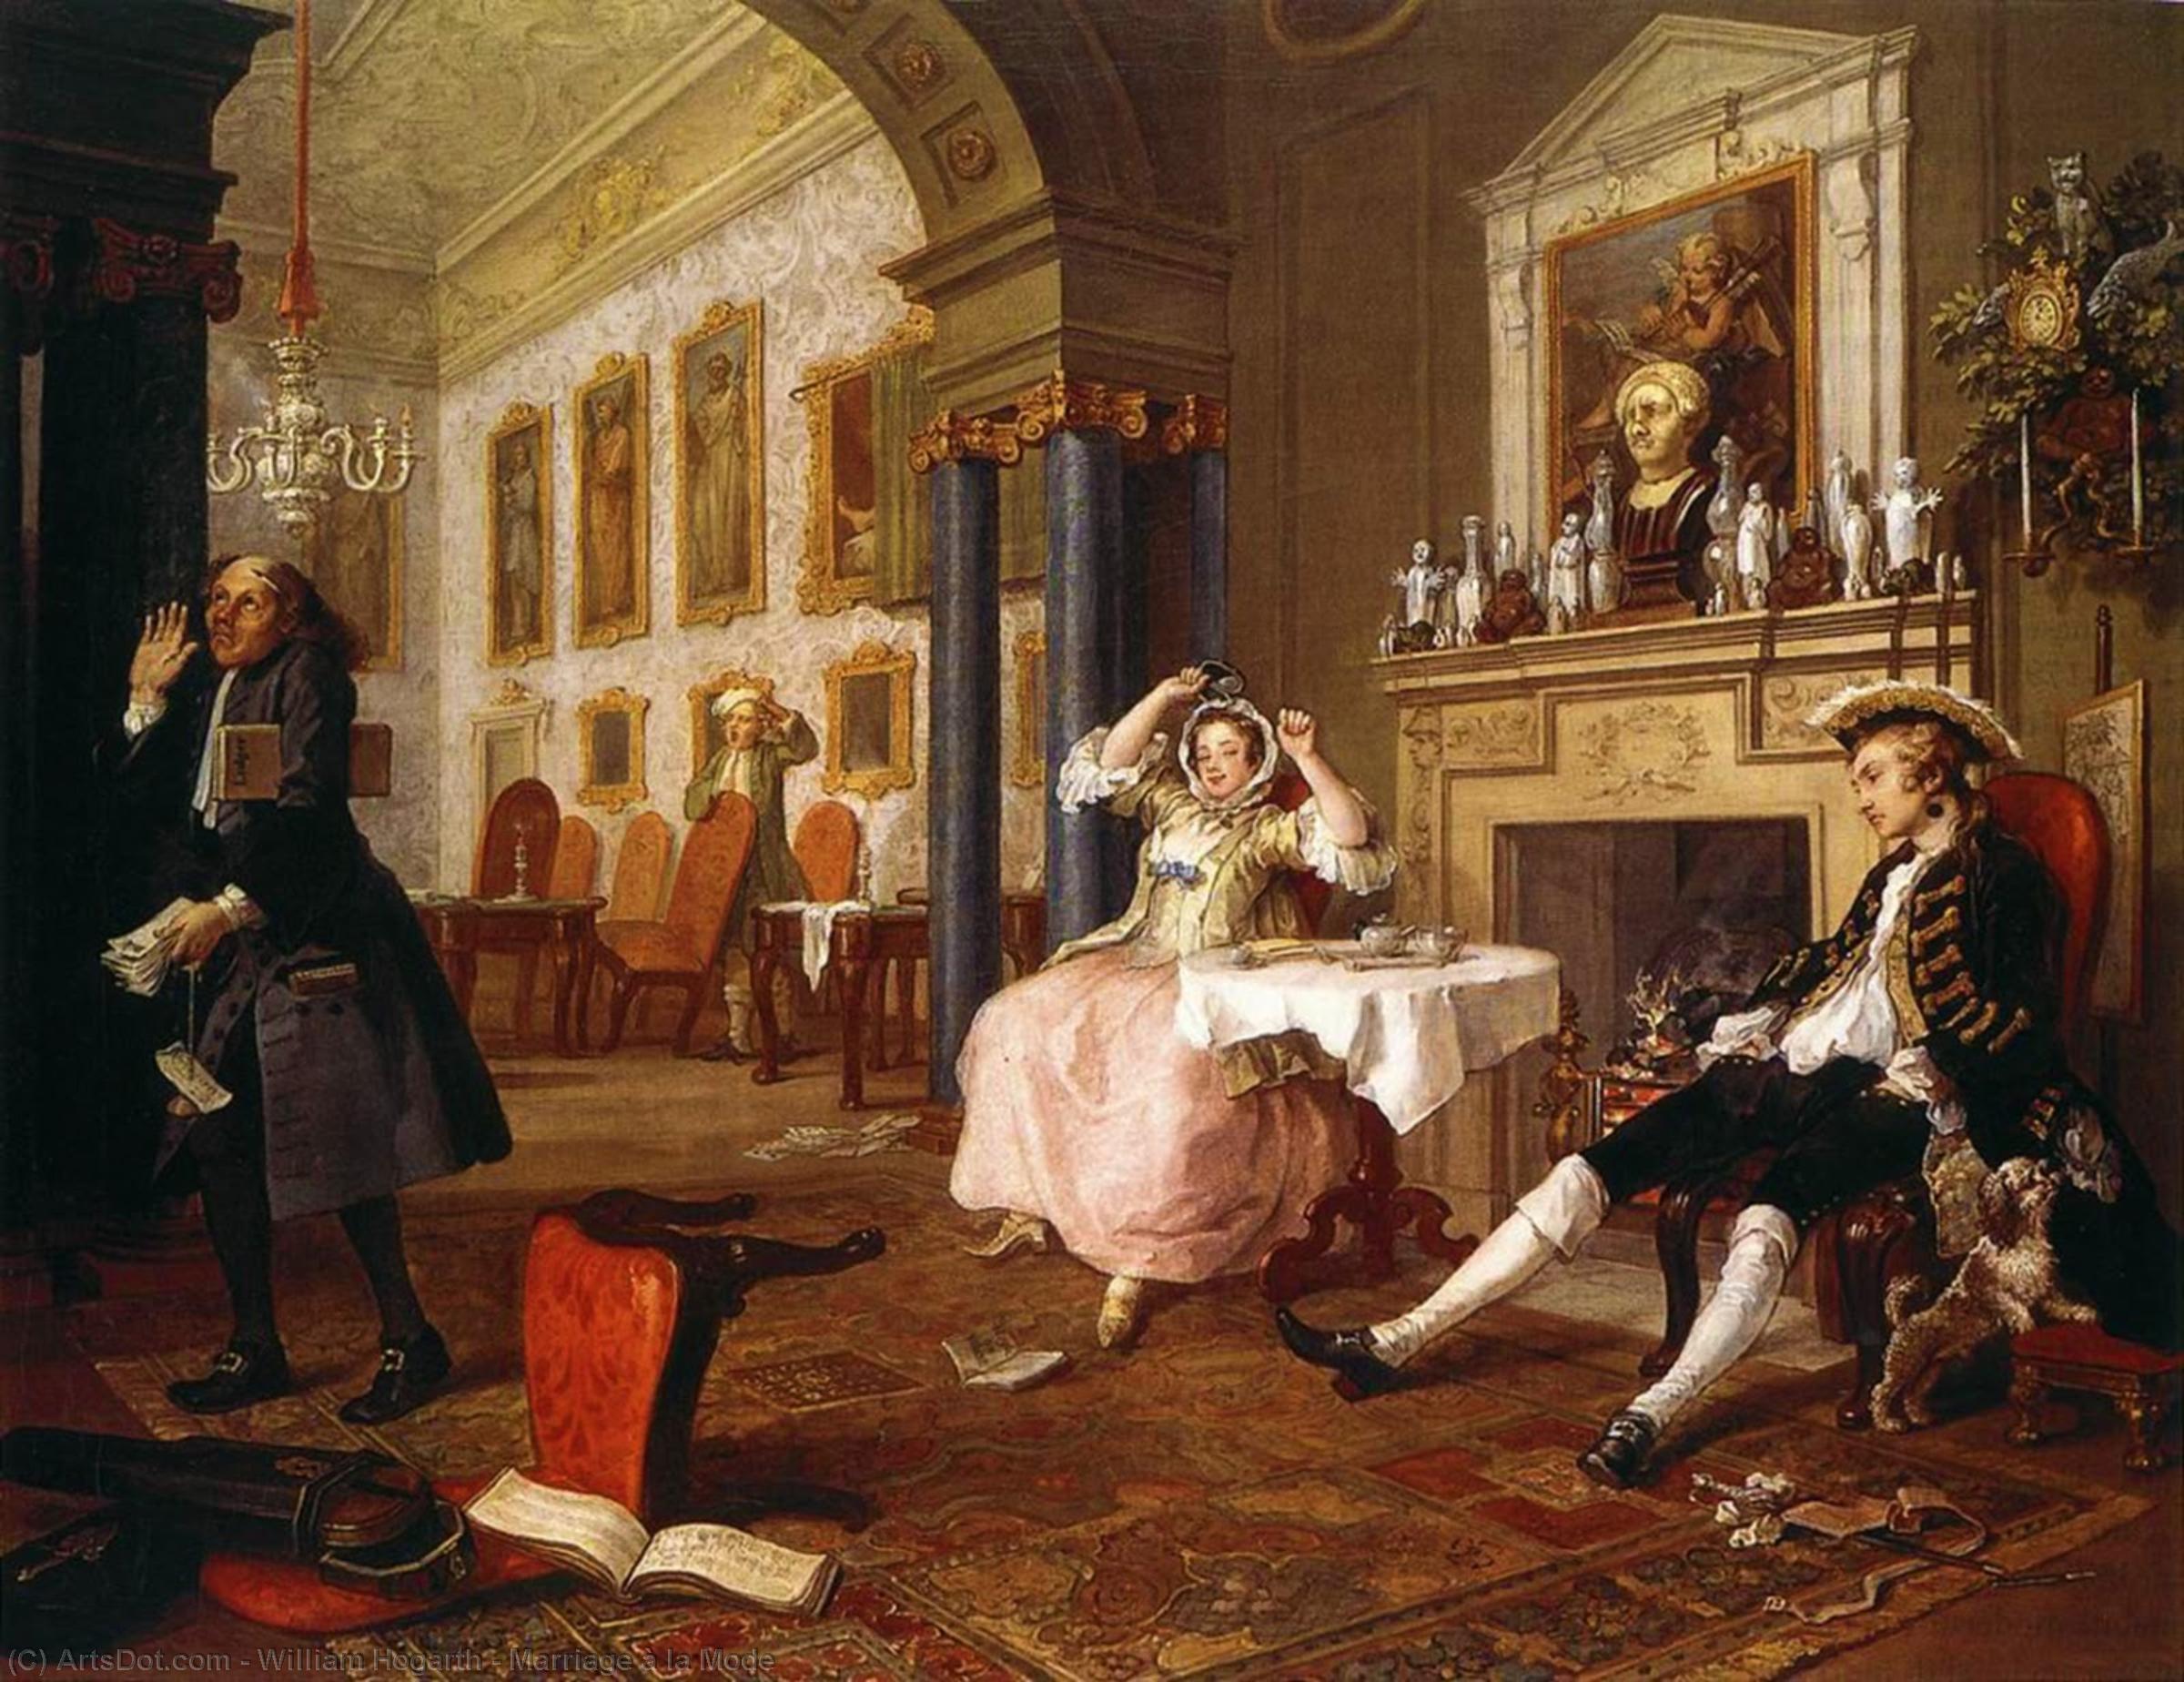 WikiOO.org - Enciklopedija dailės - Tapyba, meno kuriniai William Hogarth - Marriage à la Mode